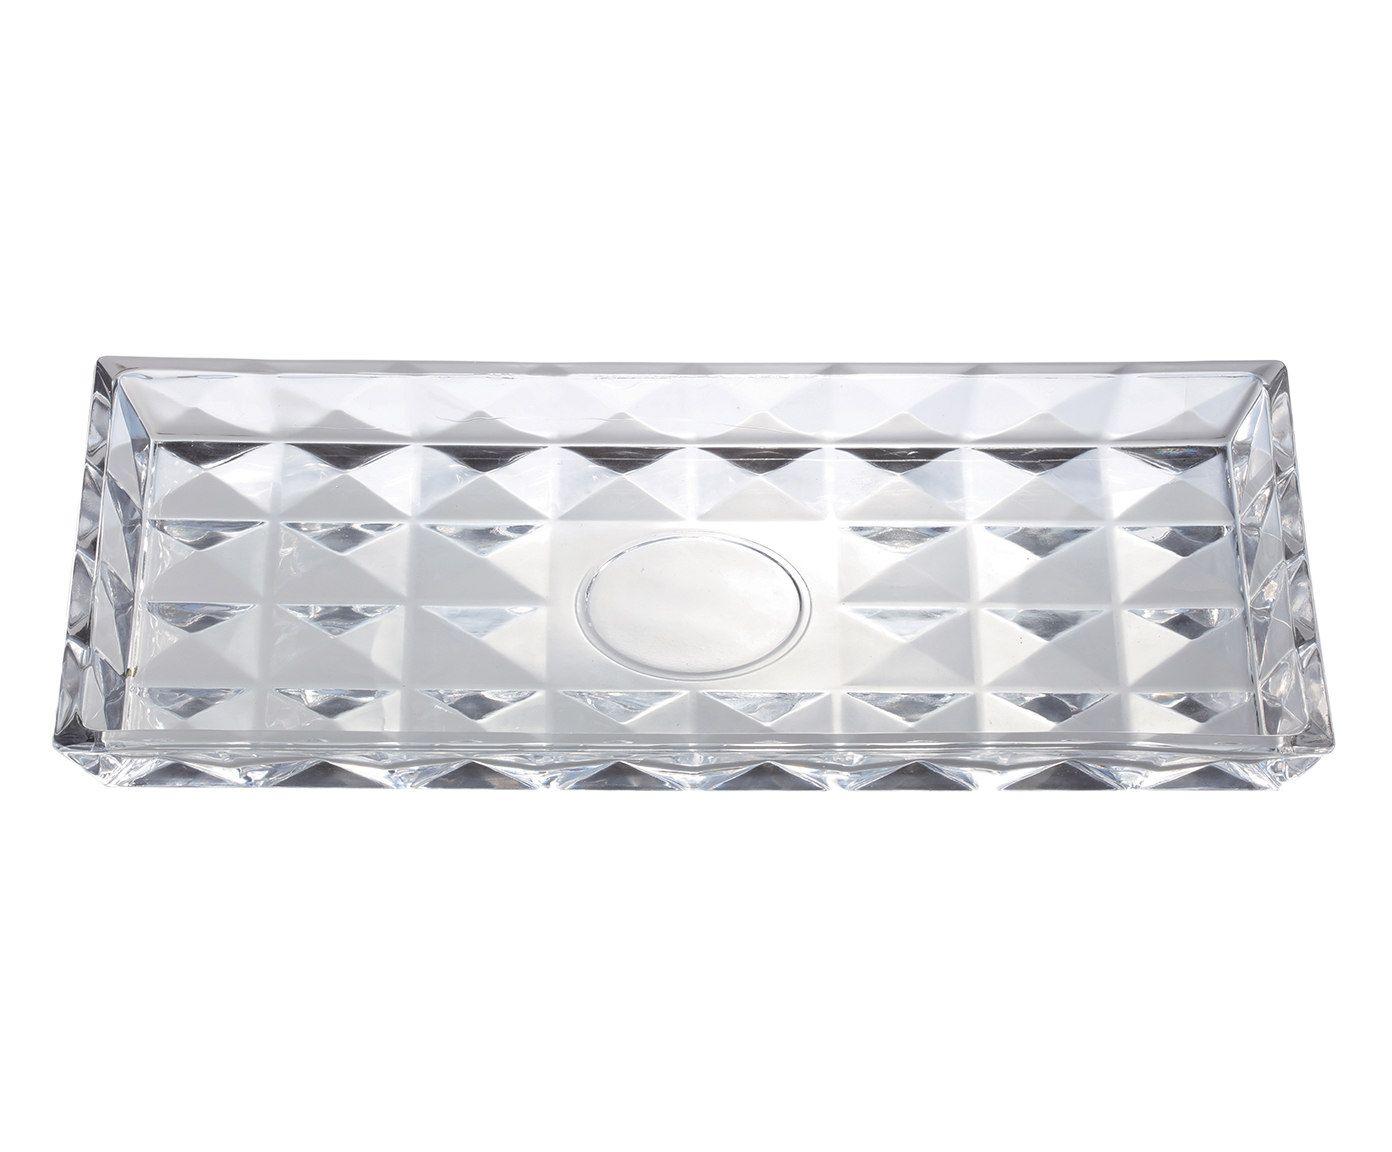 Travessa em Cristal Aquamarine - 35X18,5X2,5cm | Westwing.com.br